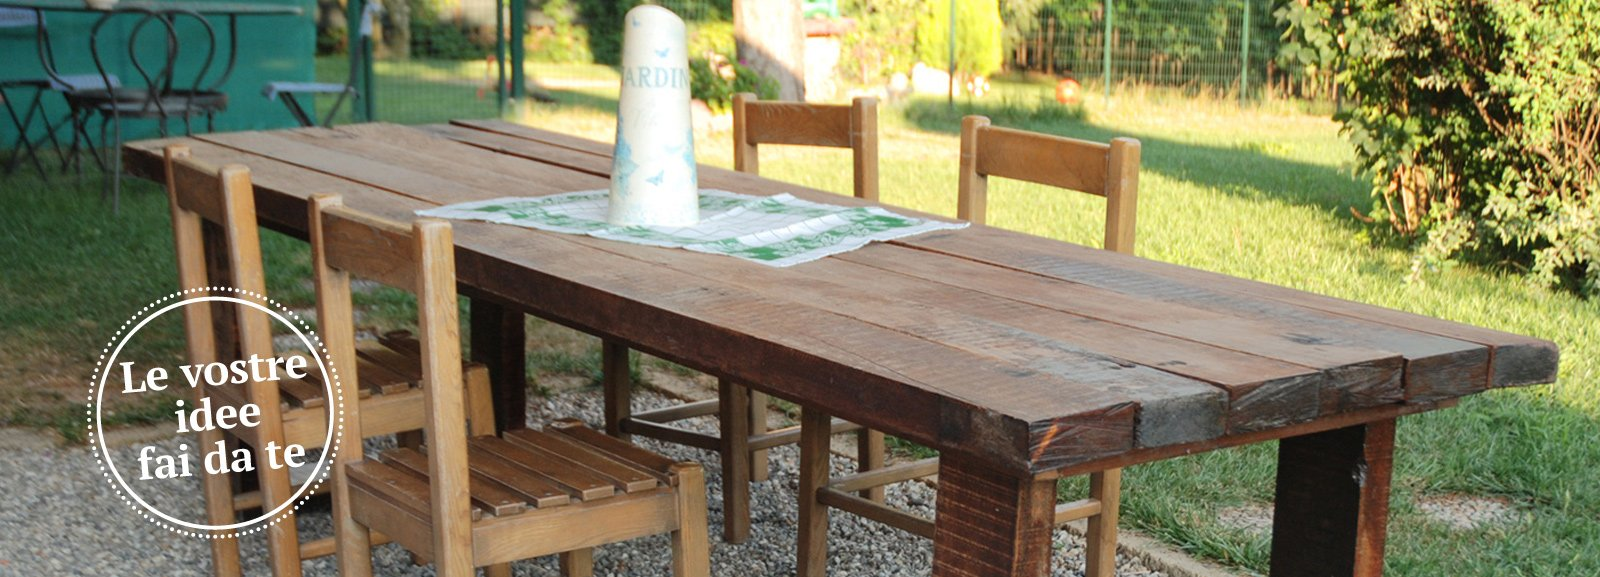 Un maxi tavolo in legno di recupero cose di casa for Costruisci i tuoi piccoli piani di casa